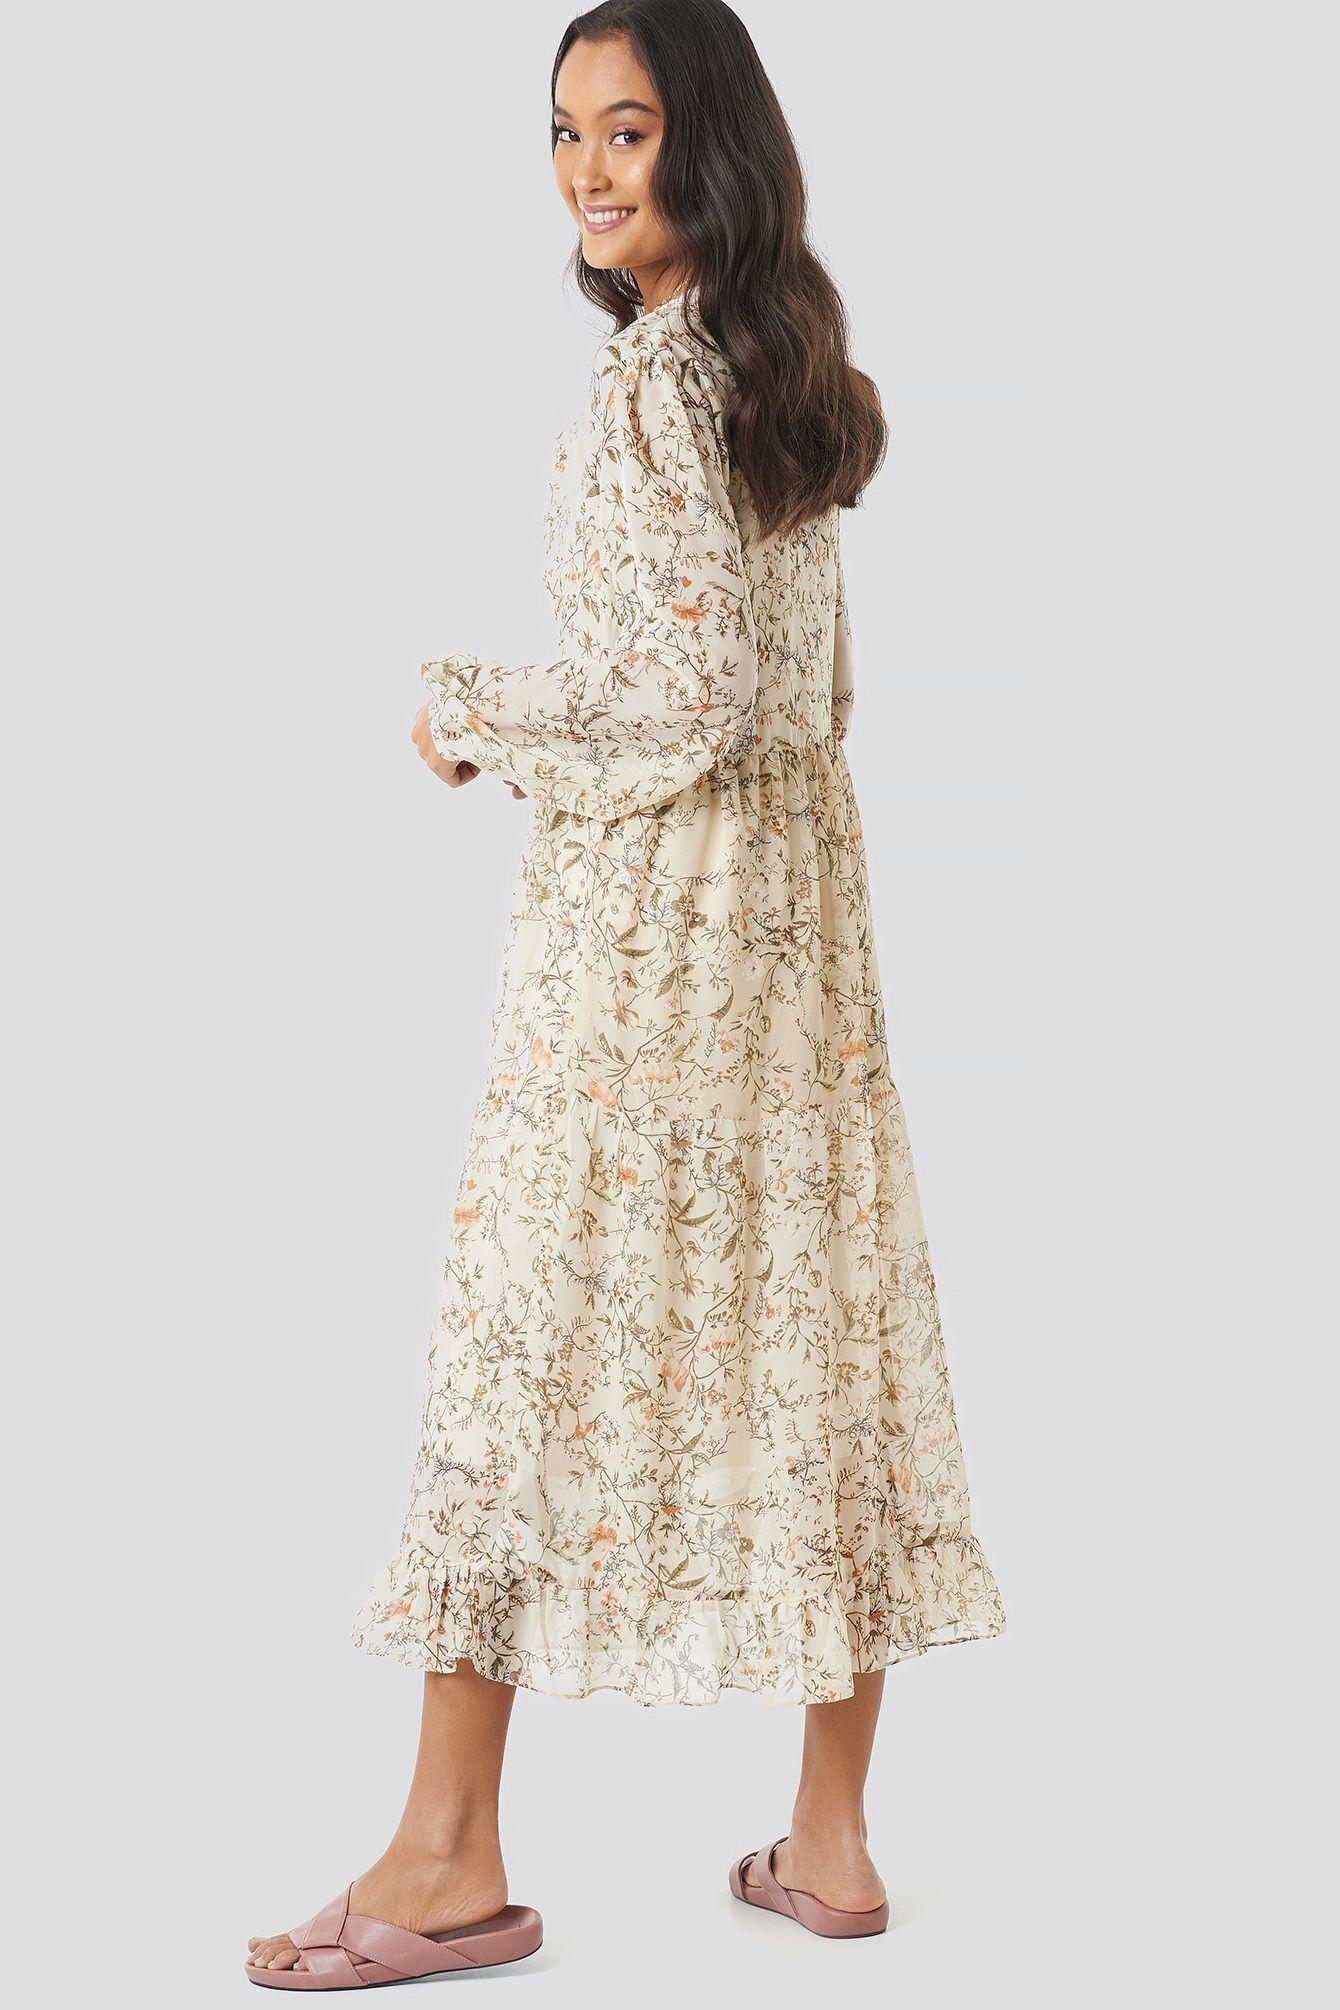 blumen-print tiered midi-kleid. in 2020 | fashion clothes